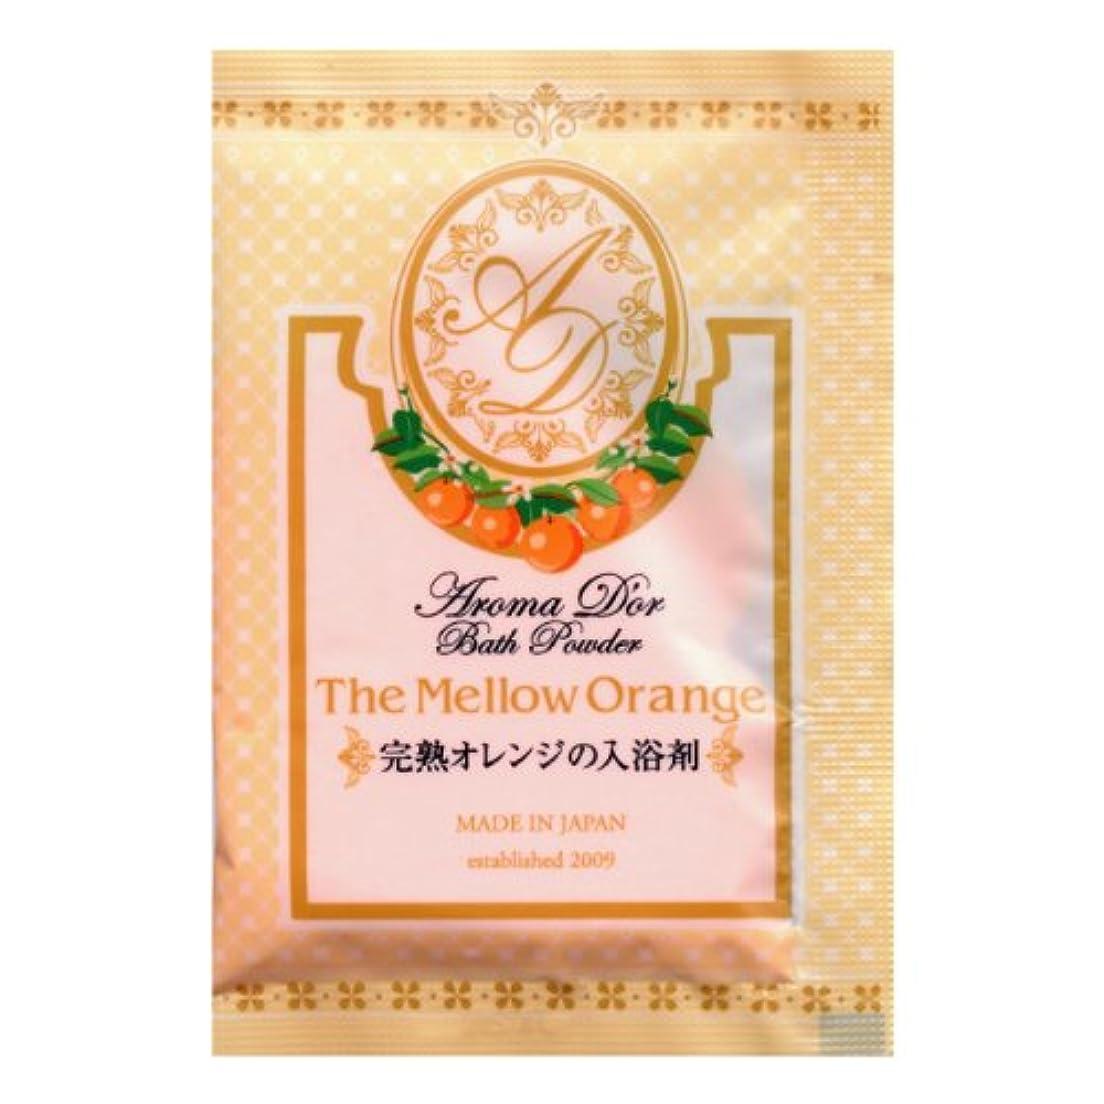 バイオレット端末トリップアロマドール バスパウダー 完熟オレンジの香り 40包